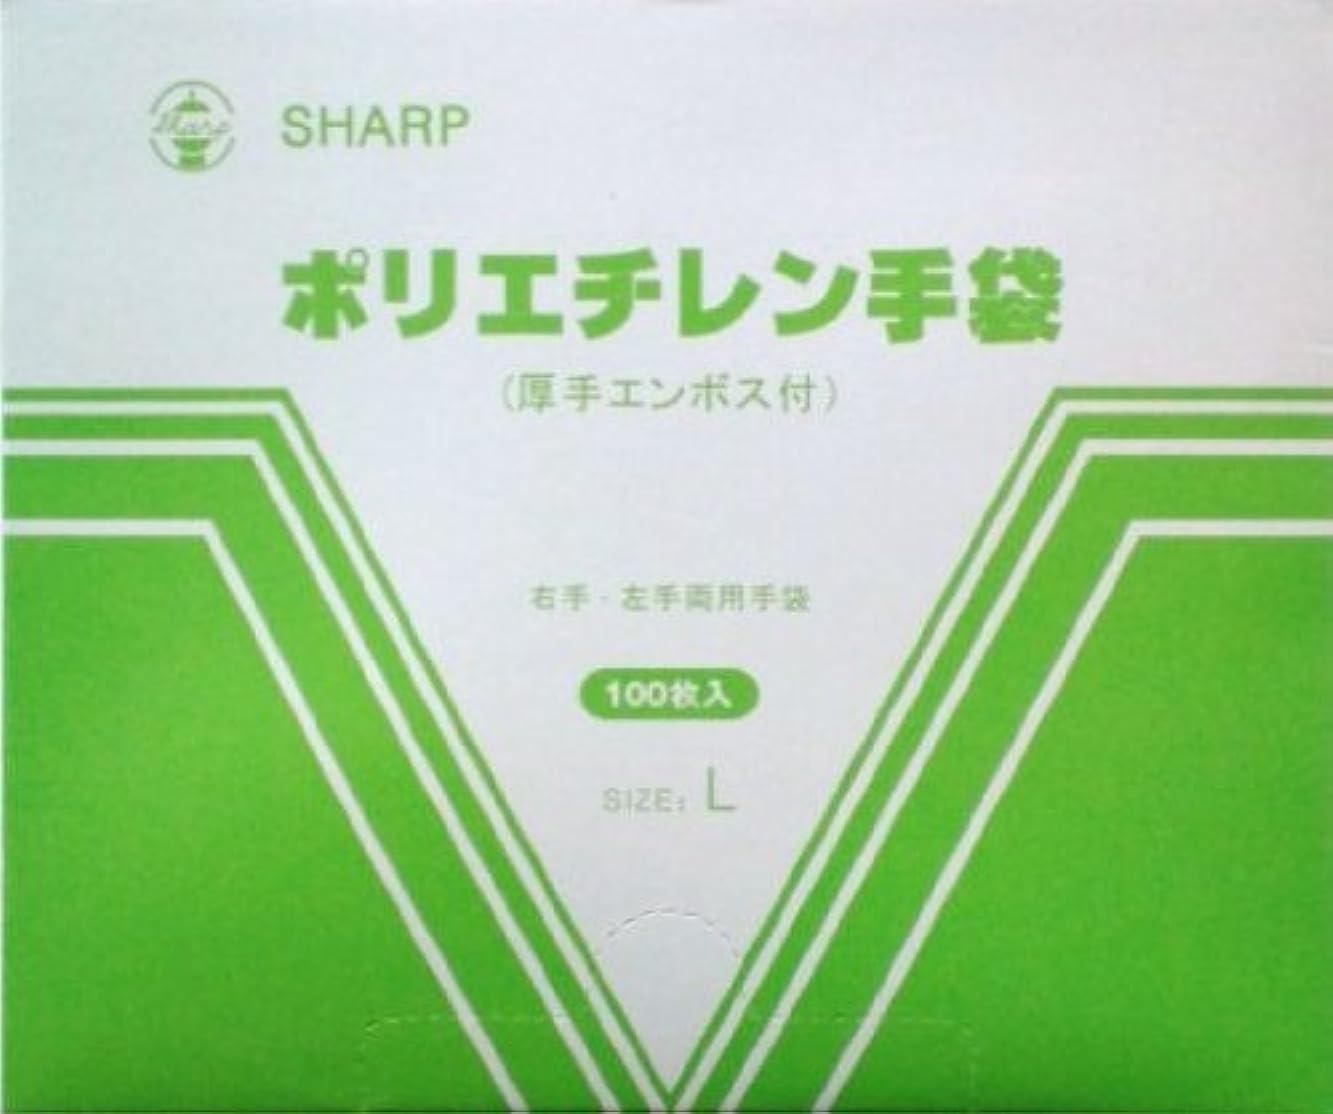 抜粋マグ代わりに新鋭工業 SHARP ポリエチレン手袋 左右兼用100枚入り Lサイズ 100枚入り